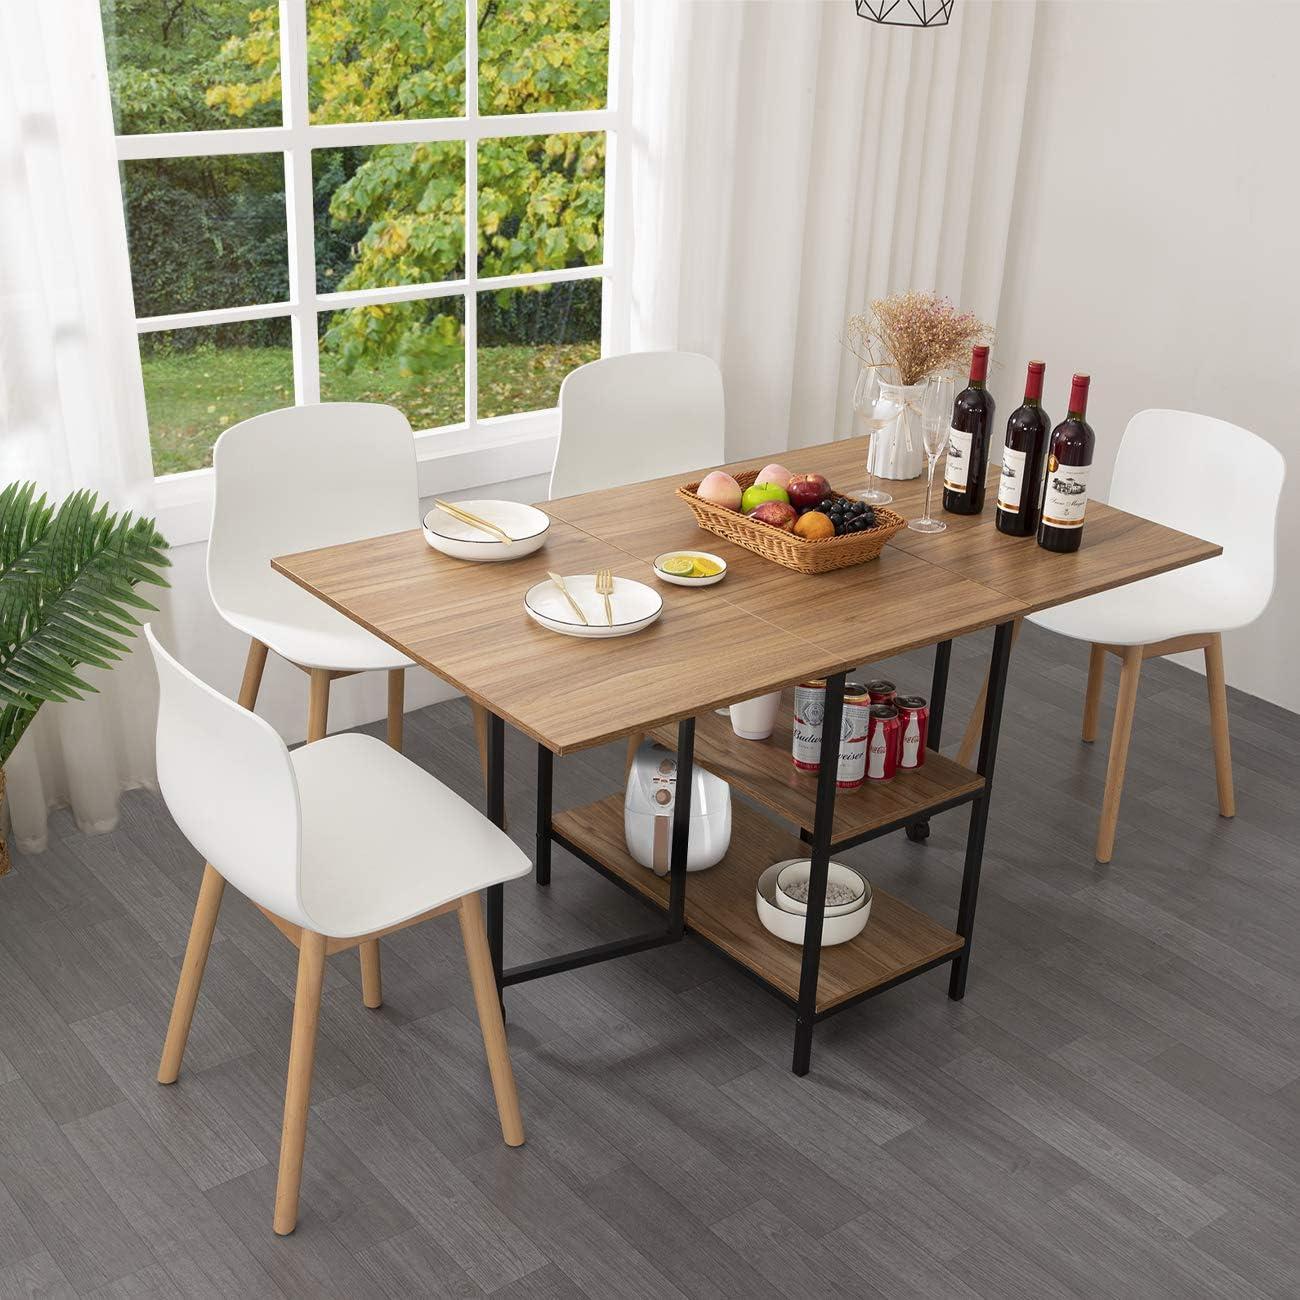 KOTPOP Dining Table